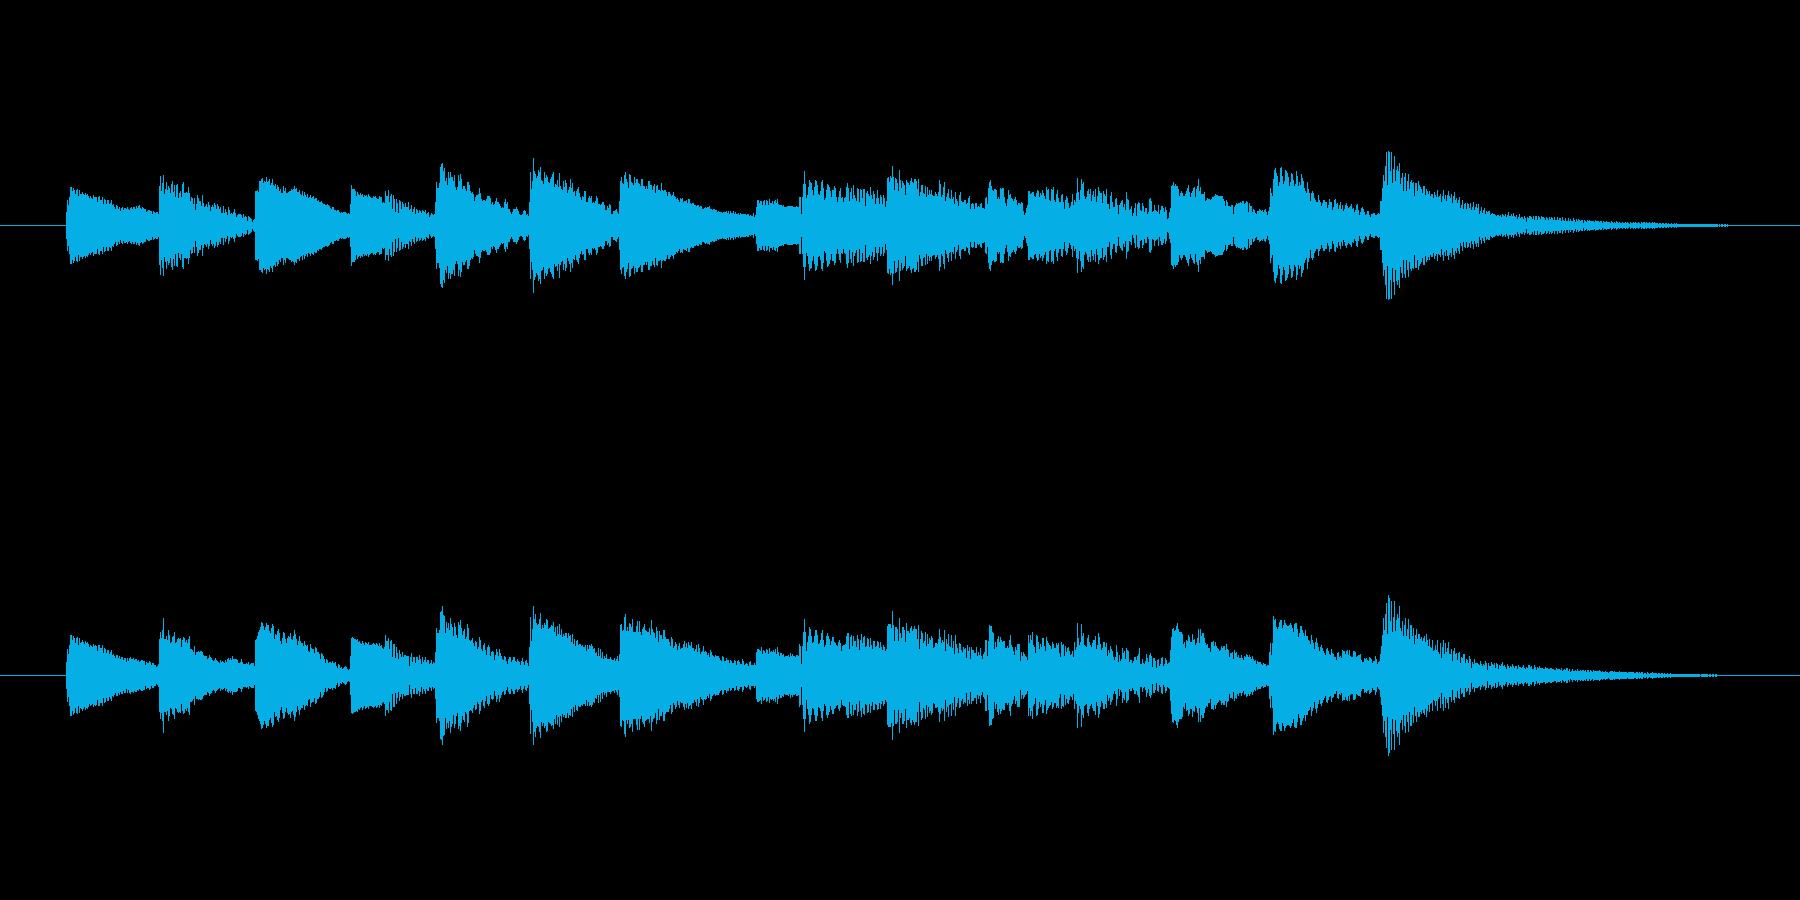 オルゴール音の短いベルの再生済みの波形